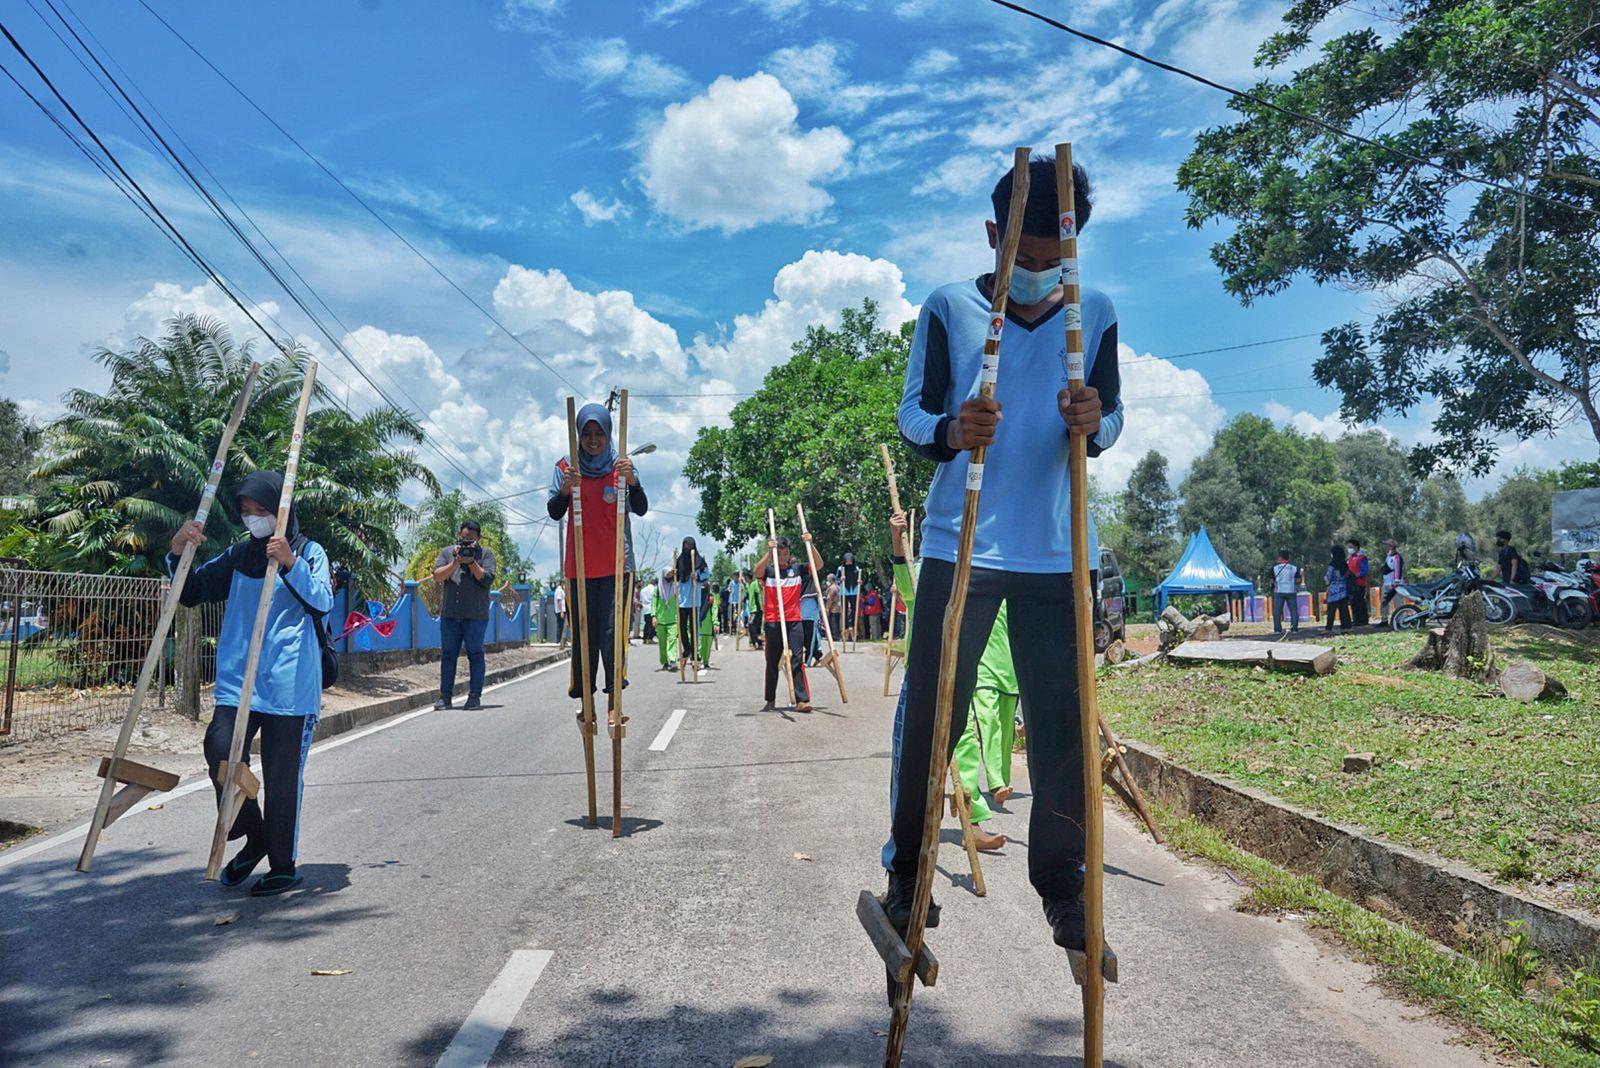 Lewat Potradnas 2021, Kemenpora Dorong Olahraga Tradisional Lebih Dikenal - JPNN.com